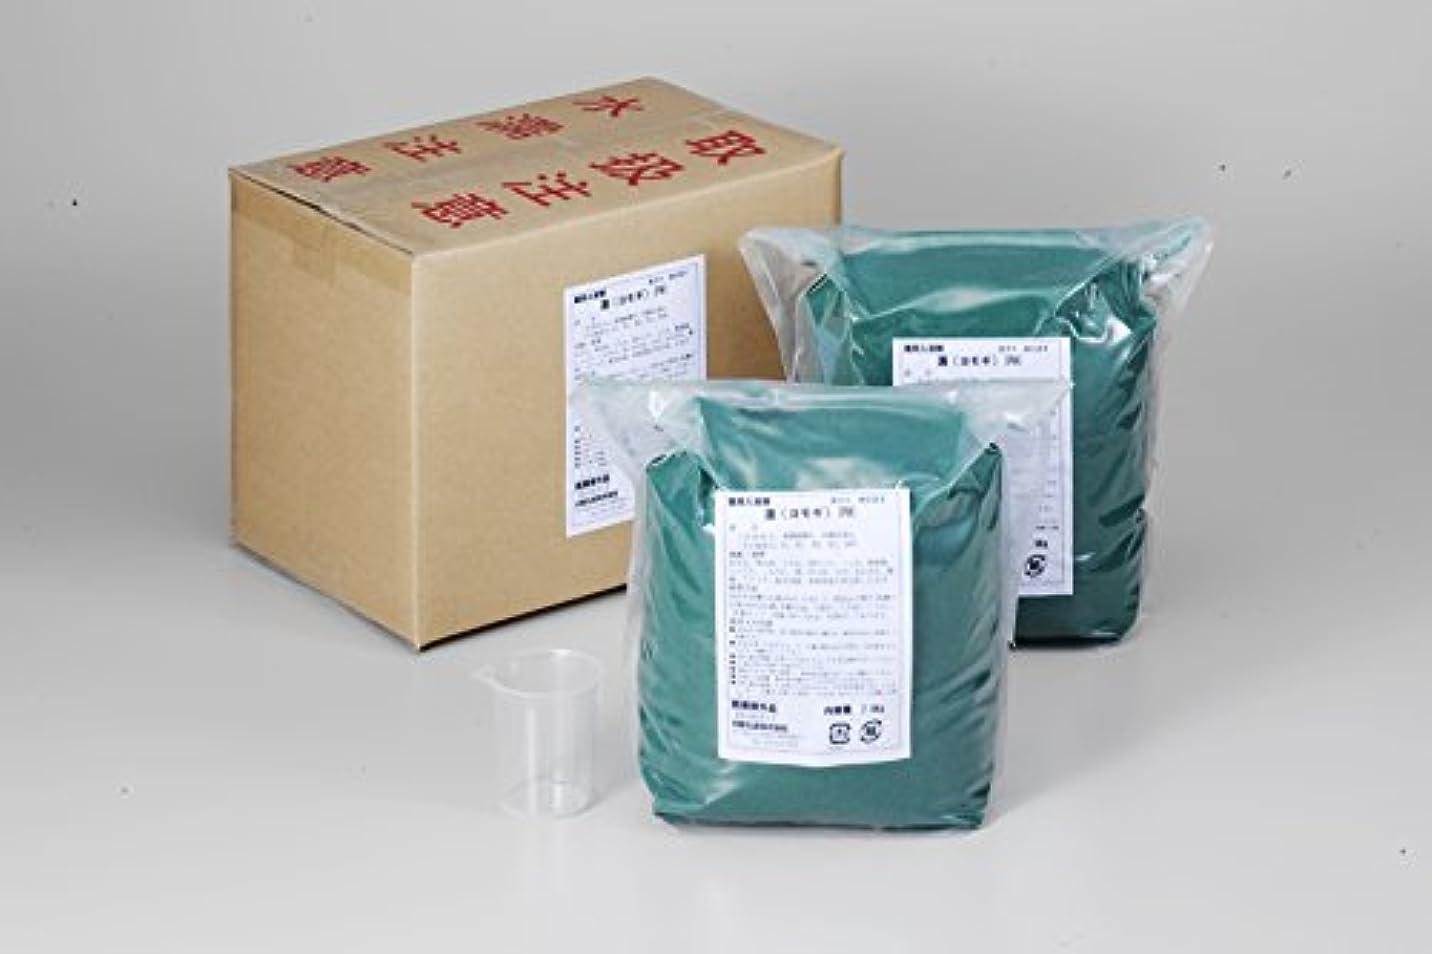 ホーム楽な納税者業務用入浴剤「ヨモギ」15kg(7.5kg×2)